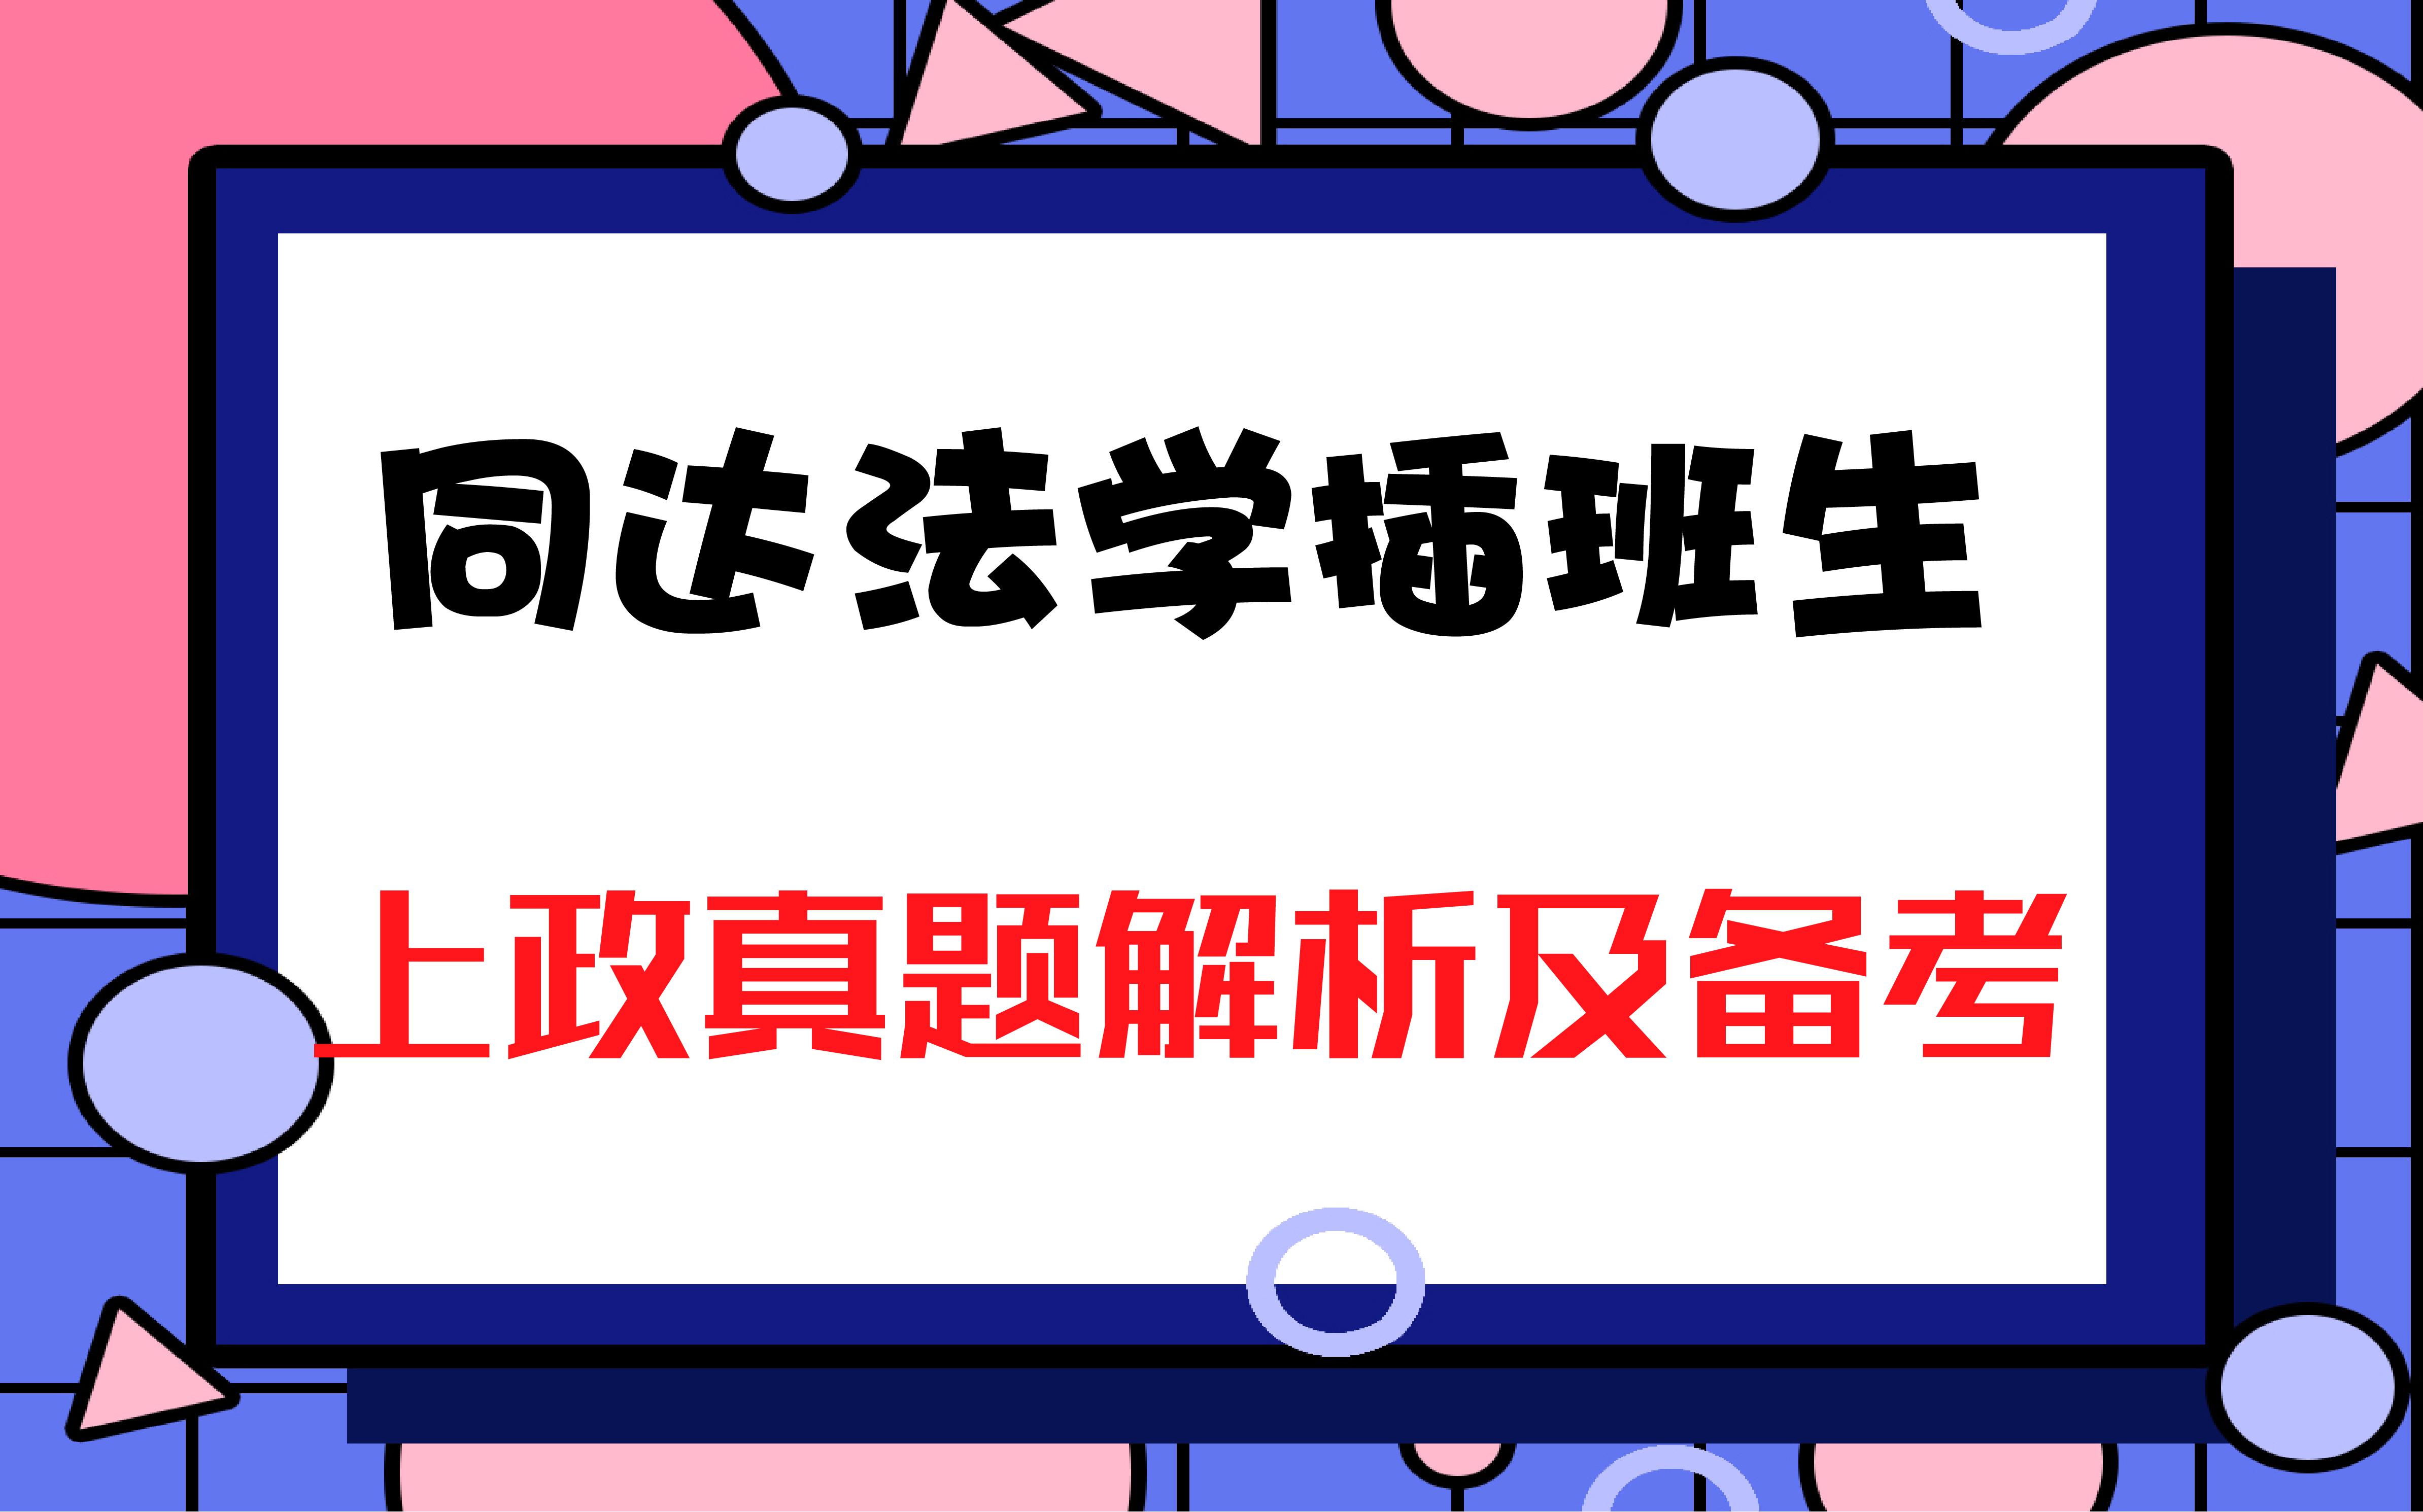 法学插班生_画板 1.jpg